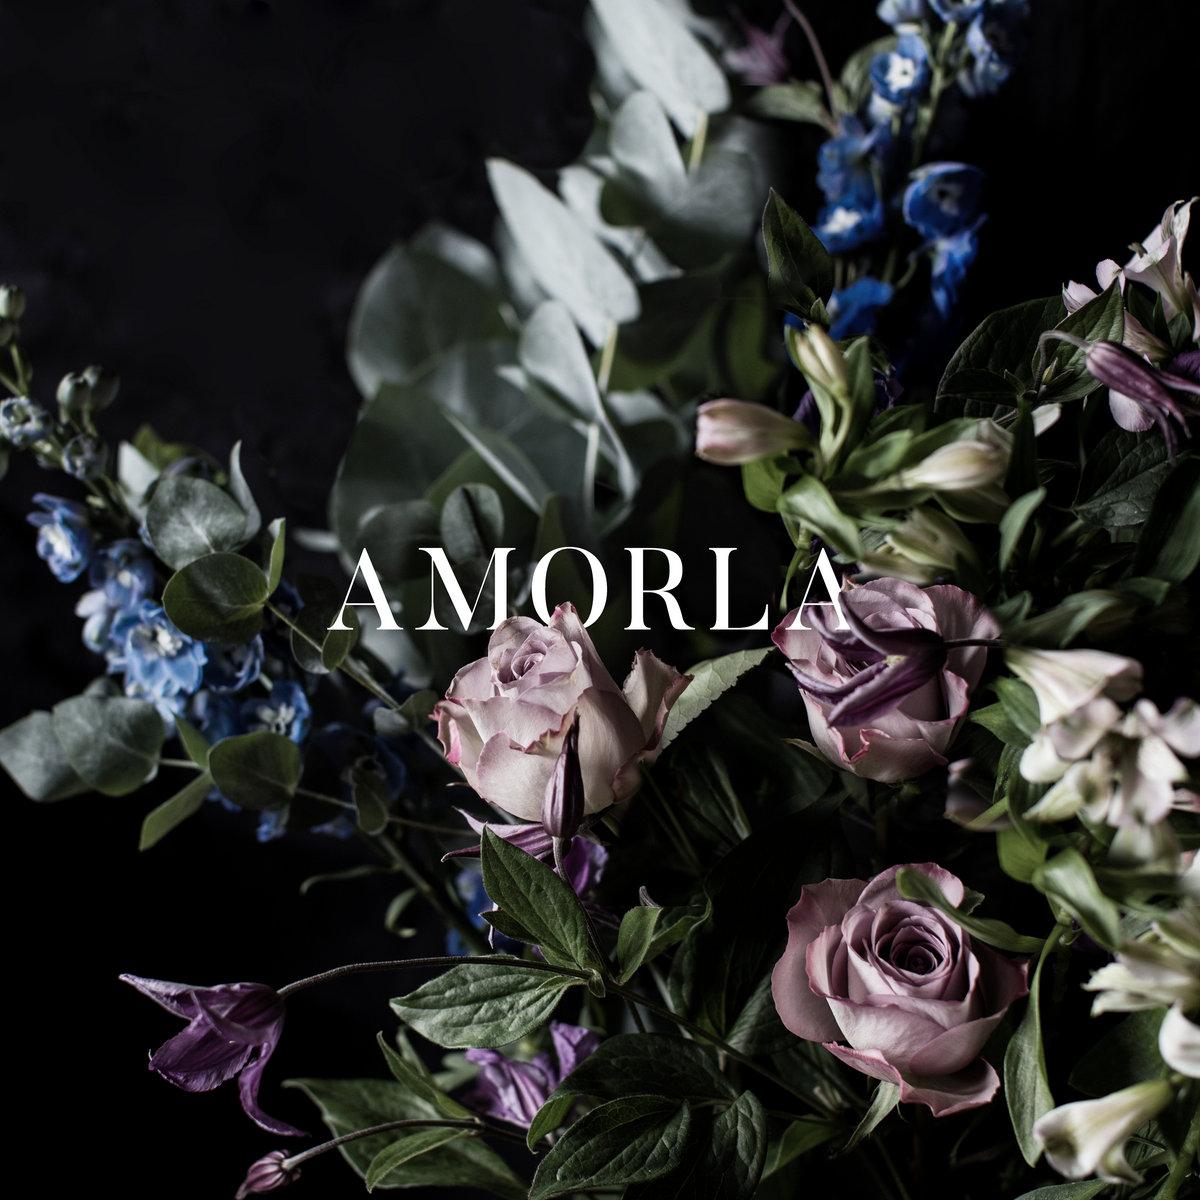 Amorla - Amorla [EP] (2018)